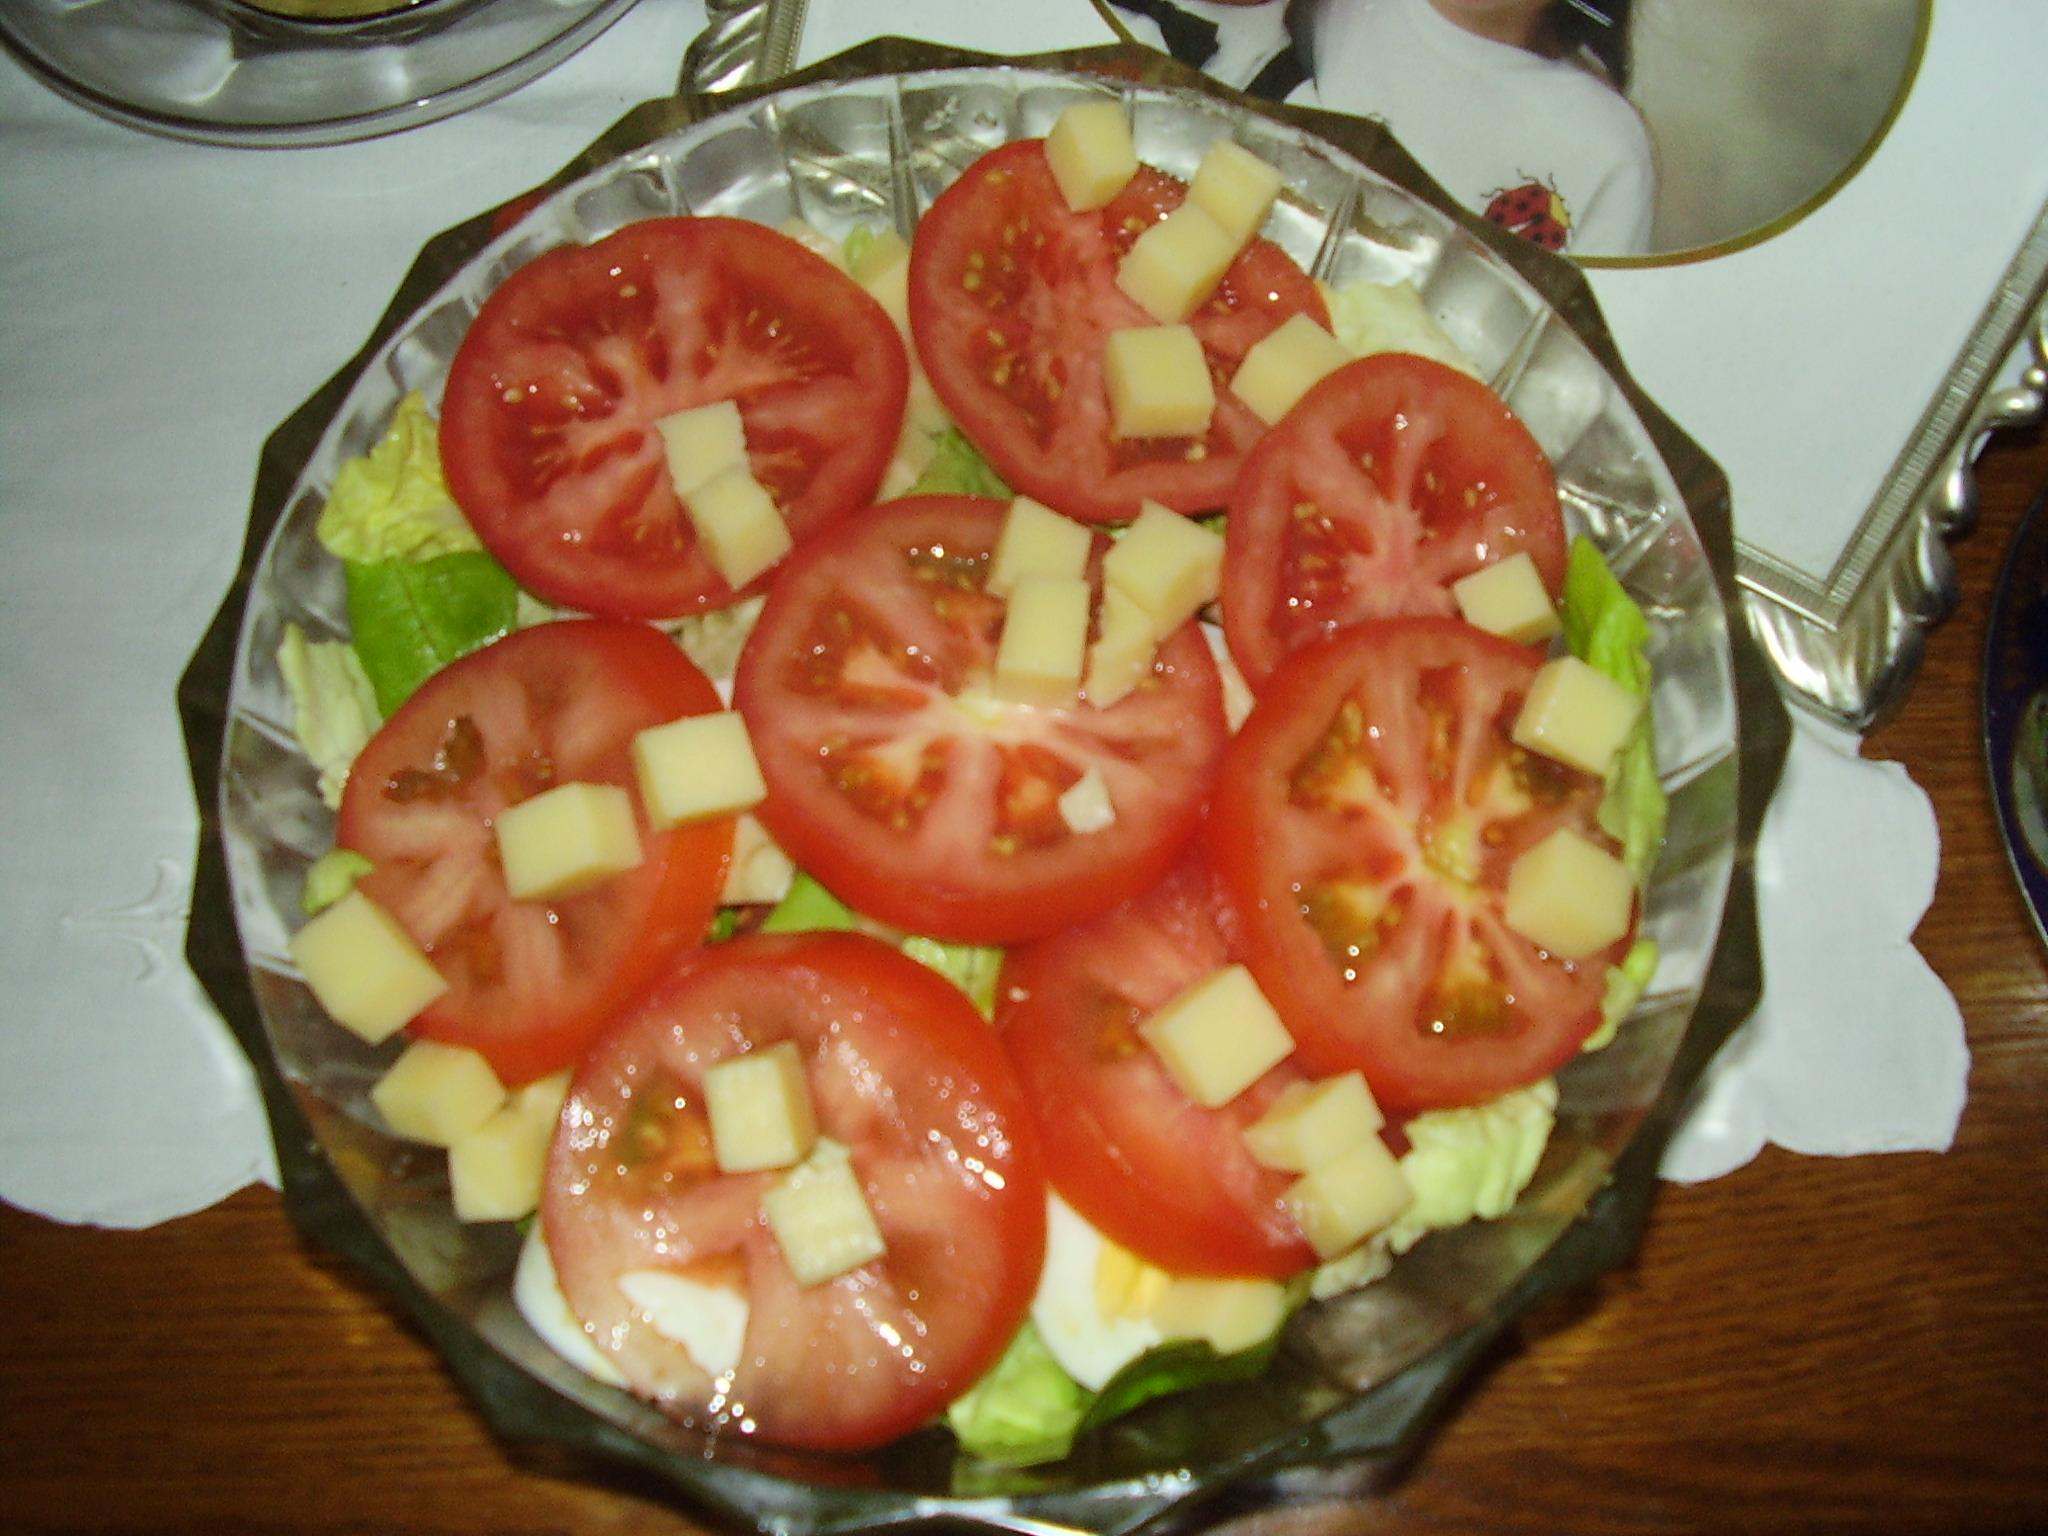 Les salades la cuisine de chez michel for Eliminer les vers des salades